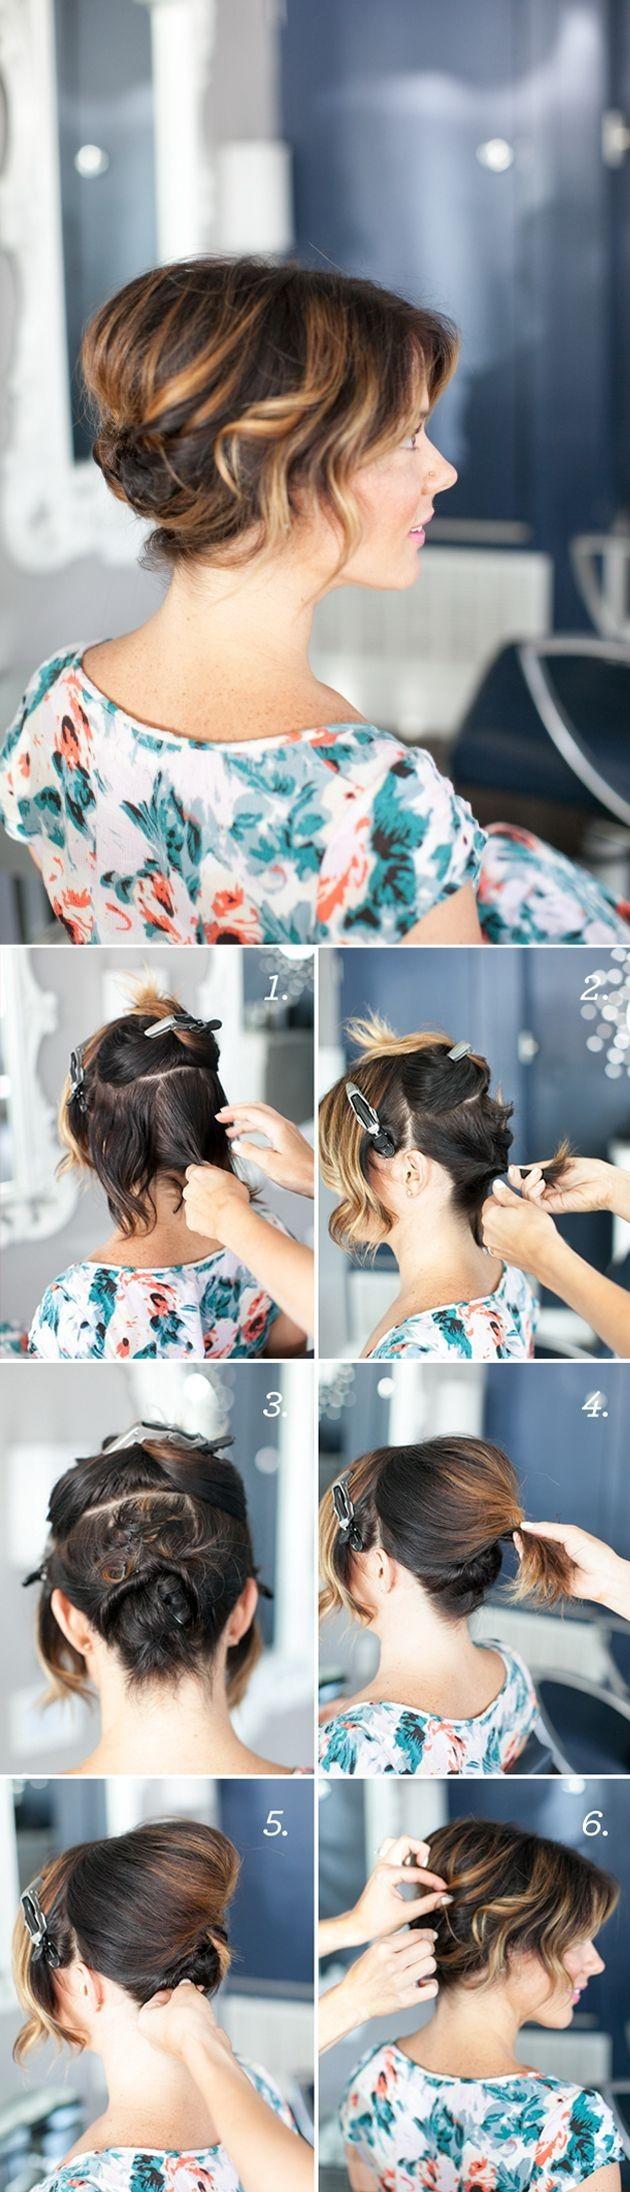 Die brötchen auf kurze haare, n'ist nicht immer einfach zu tun. Erfahren sie in diesem artikel 10 tutorials für hochsteckfrisuren einfach, einfache, schnelle, auf kurze haare. Genießen sie! - #Frau, #Frauen, #Friseur, #Frisur, #Frisuren, #Haar, #HaarDesign, #Haare, #Haaren, #Kurz, #KurzeHaar, #Mädchen, #Mode, #Trends, #Tutorial